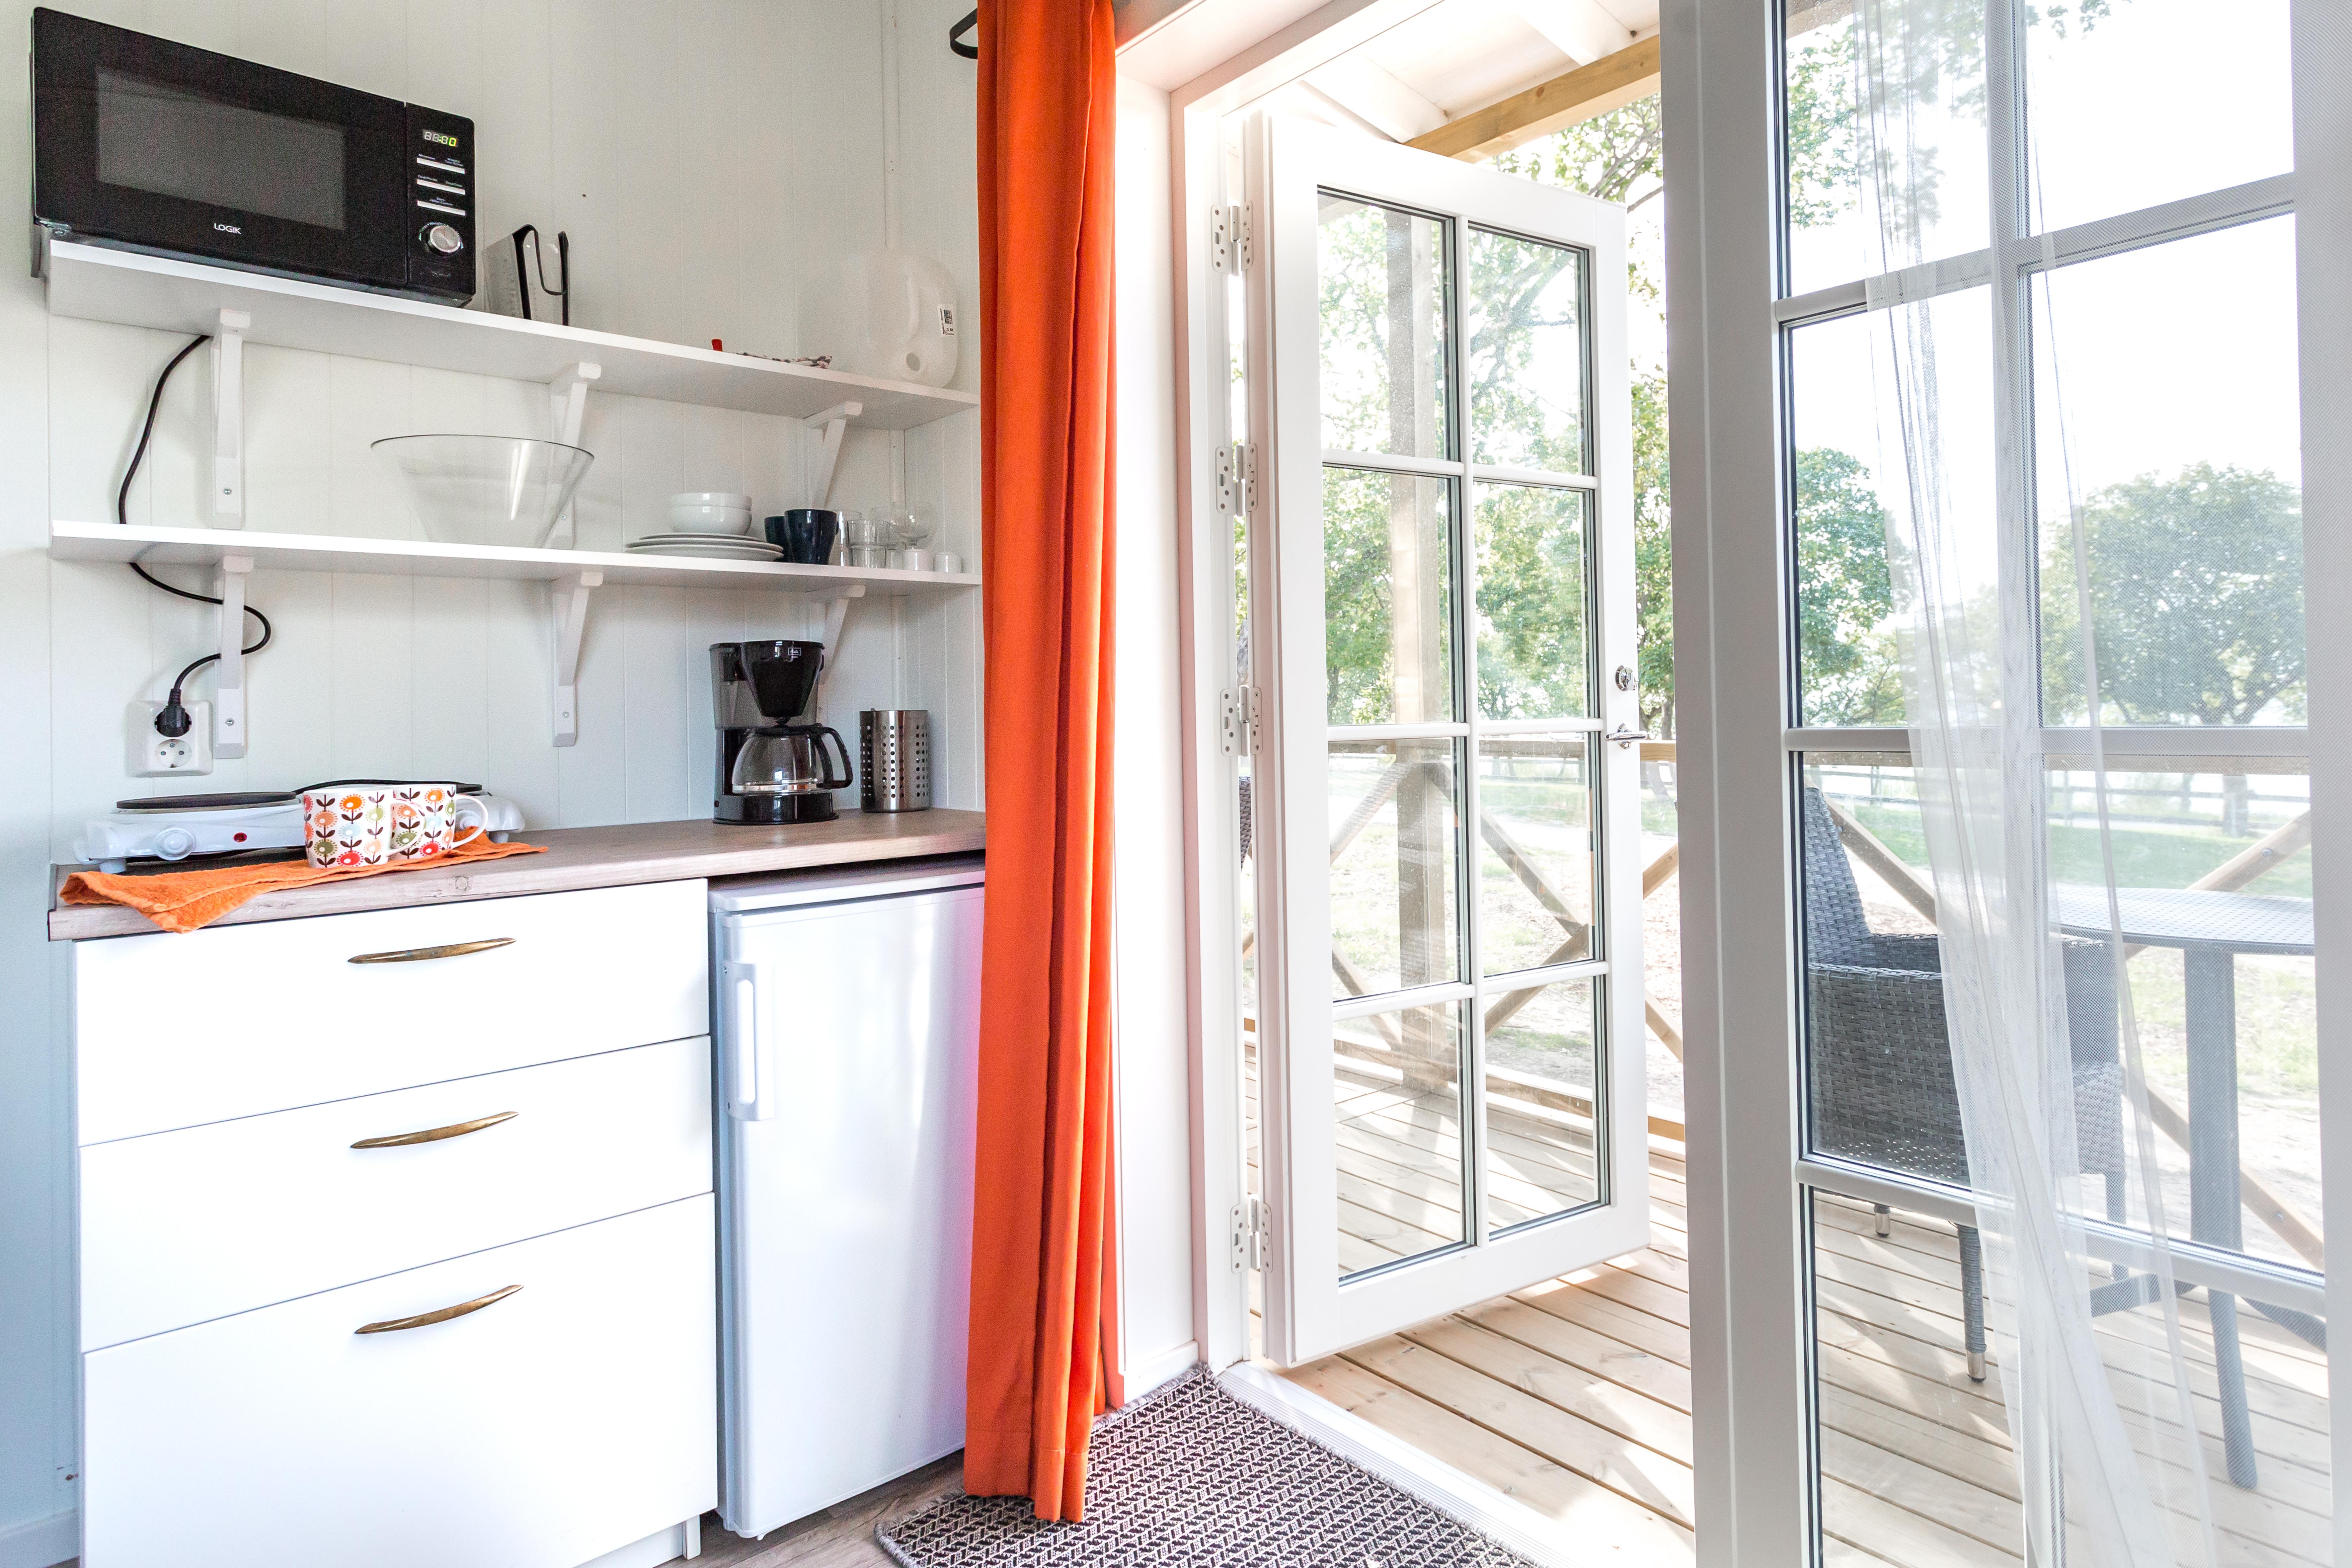 Köket i parstugan visare pentryt med kylskåp och kaffebryggare